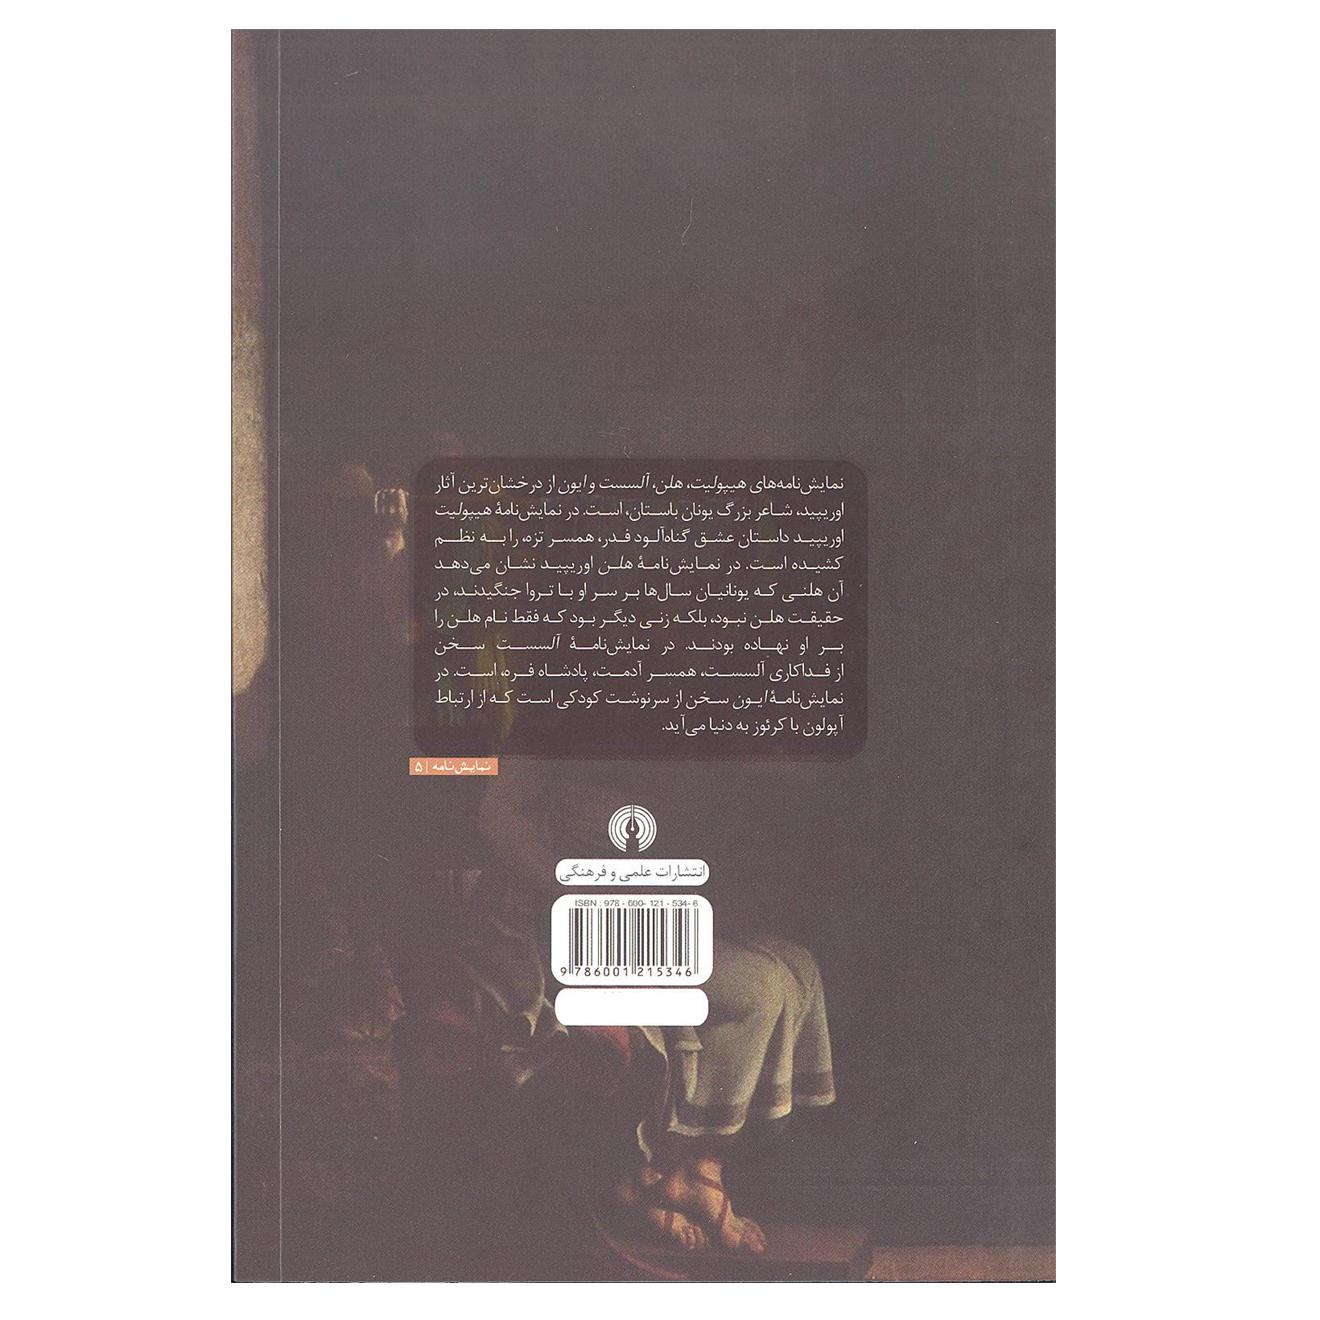 کتاب هلن و سه نمایش نامه دیگر اثر اوریپید انتشارات علمی و فرهنگی  main 1 1